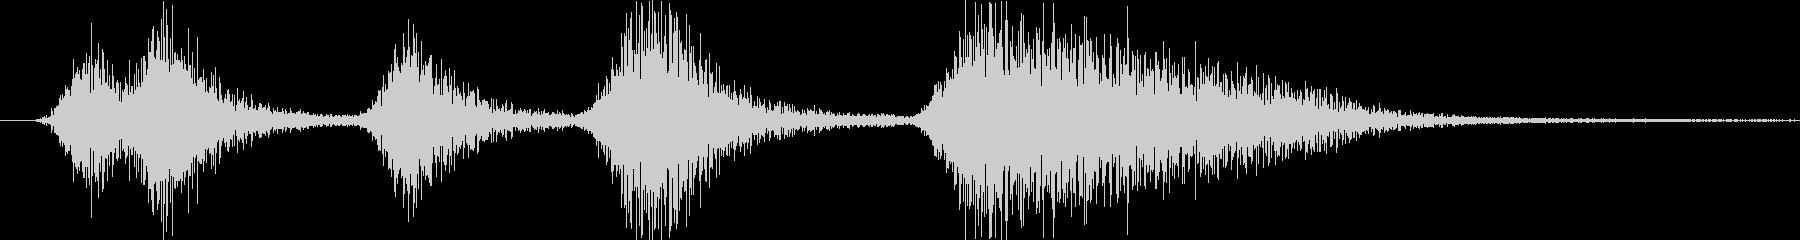 緊張感を意識した短いシーン効果音です。の未再生の波形